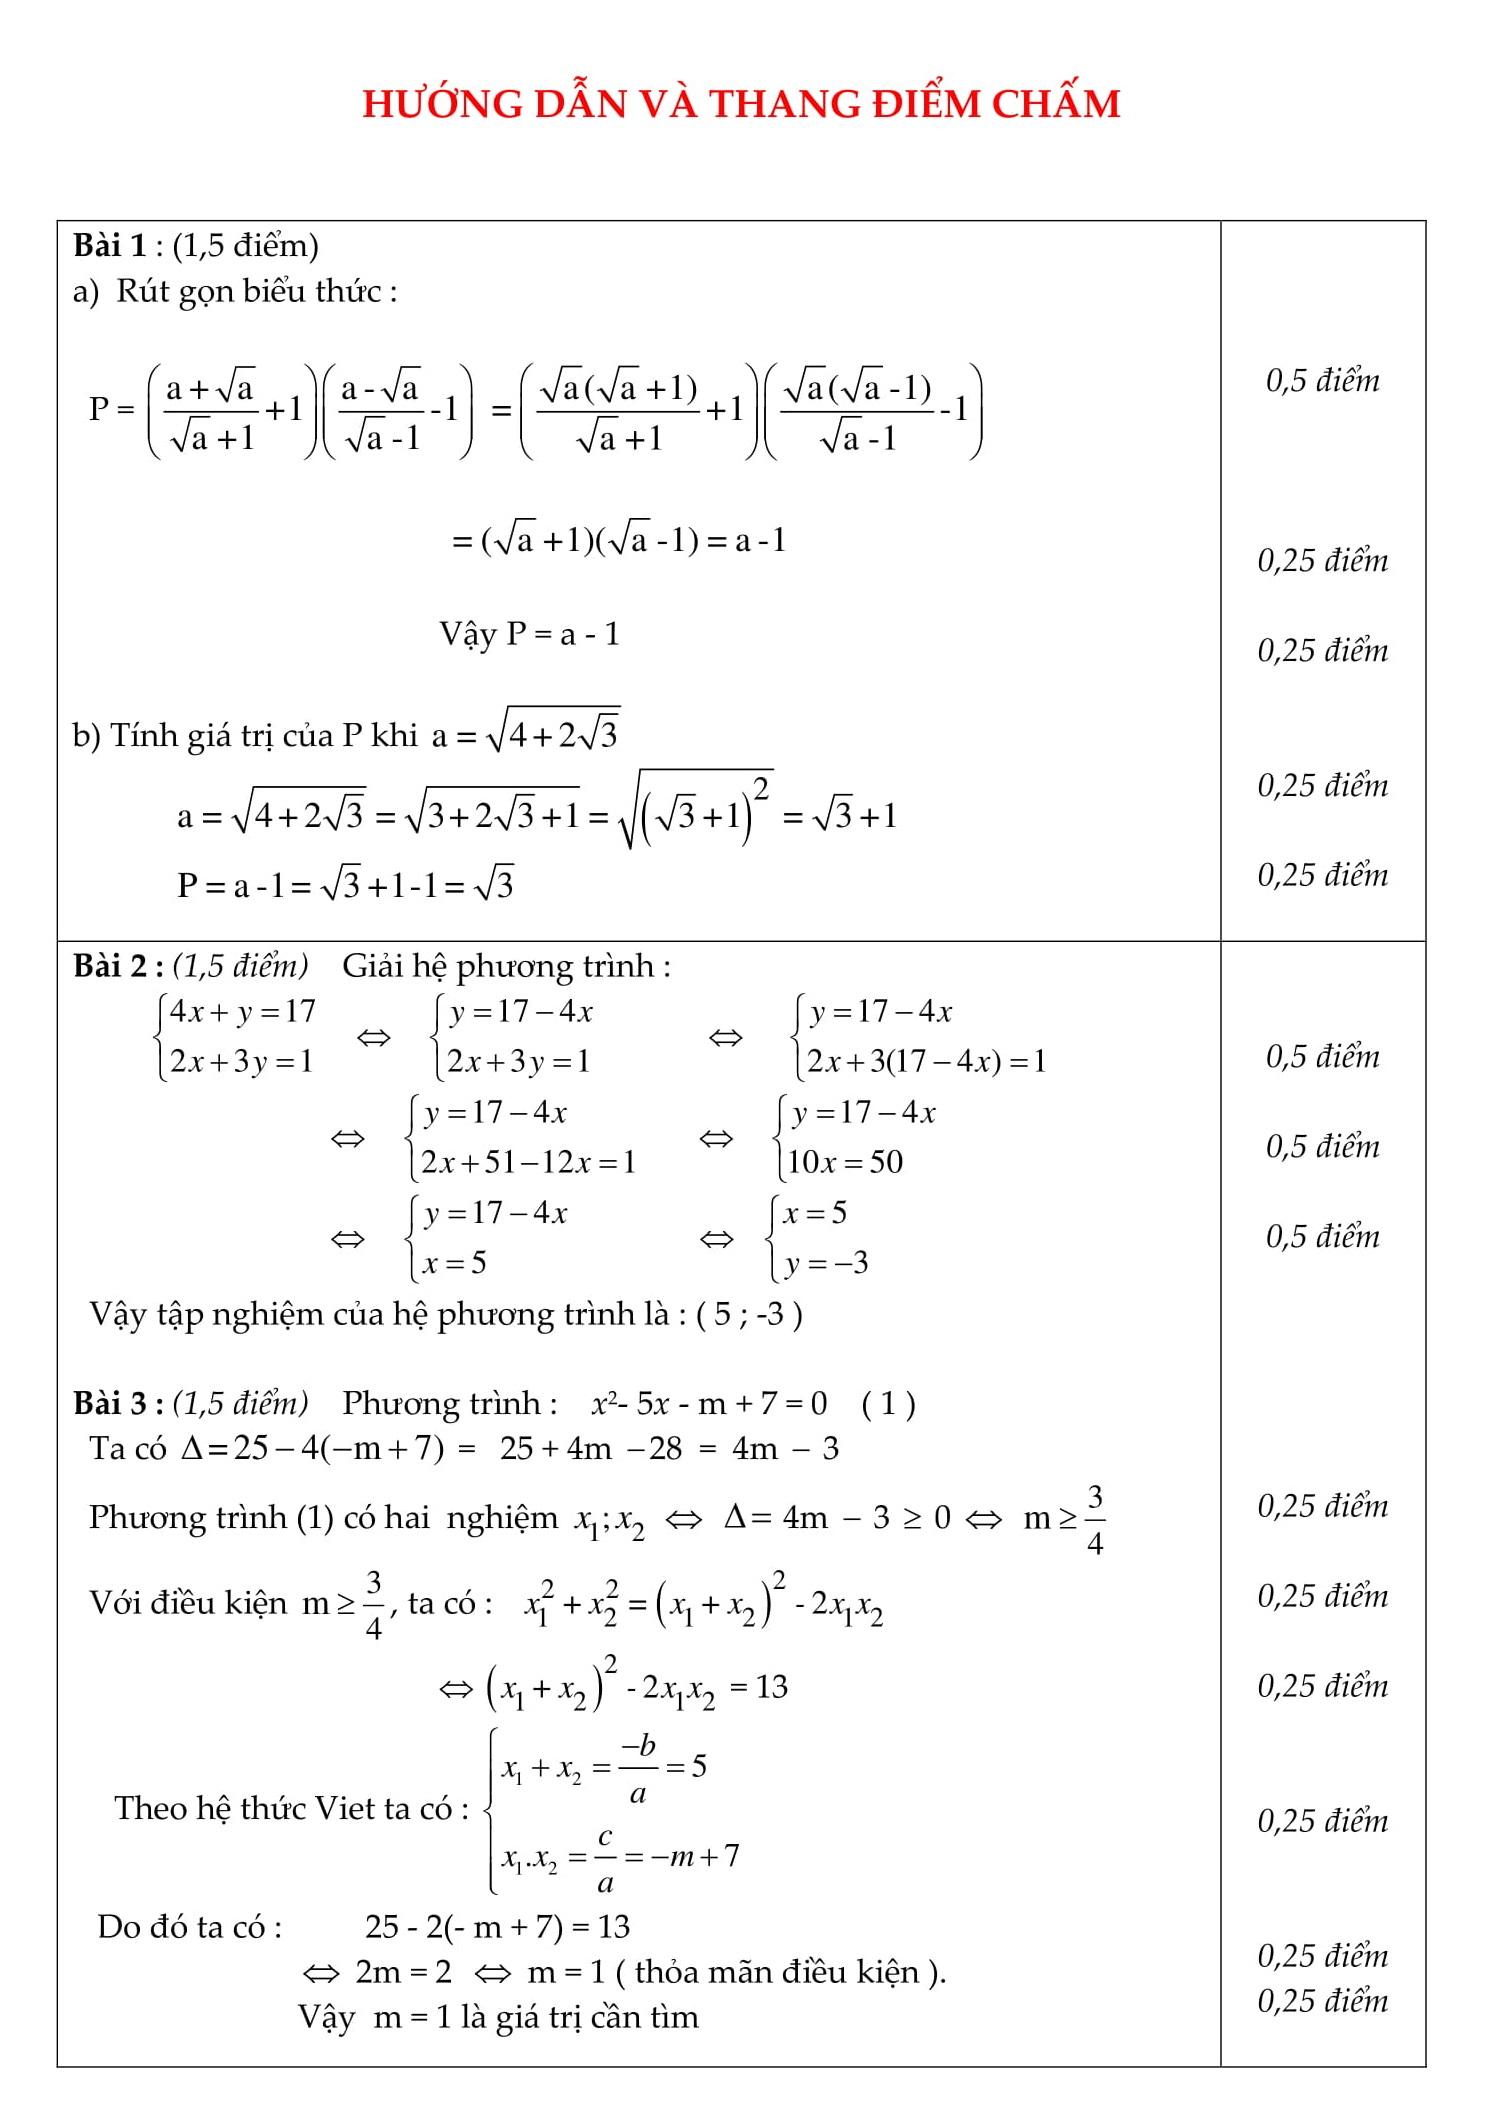 Đề thi HK2 toán 9 được tổng hợp